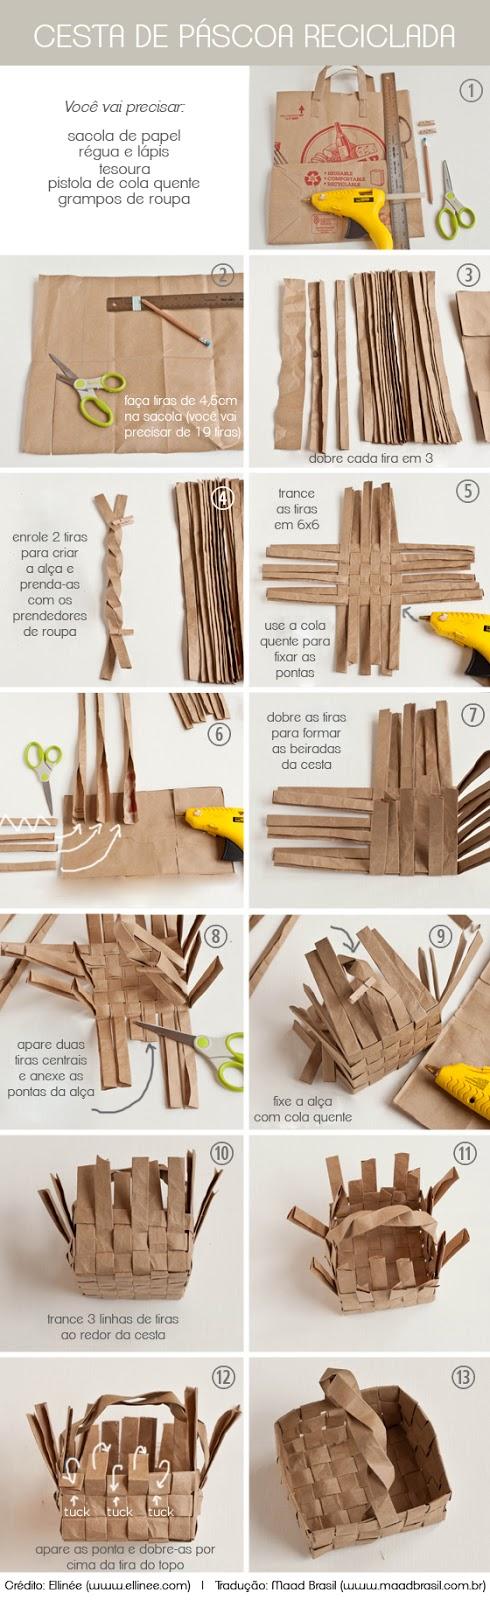 Handmade Paper Baskets Step By Step : Como fazer uma cesta reciclada para a p?scoa pra gente mi?da